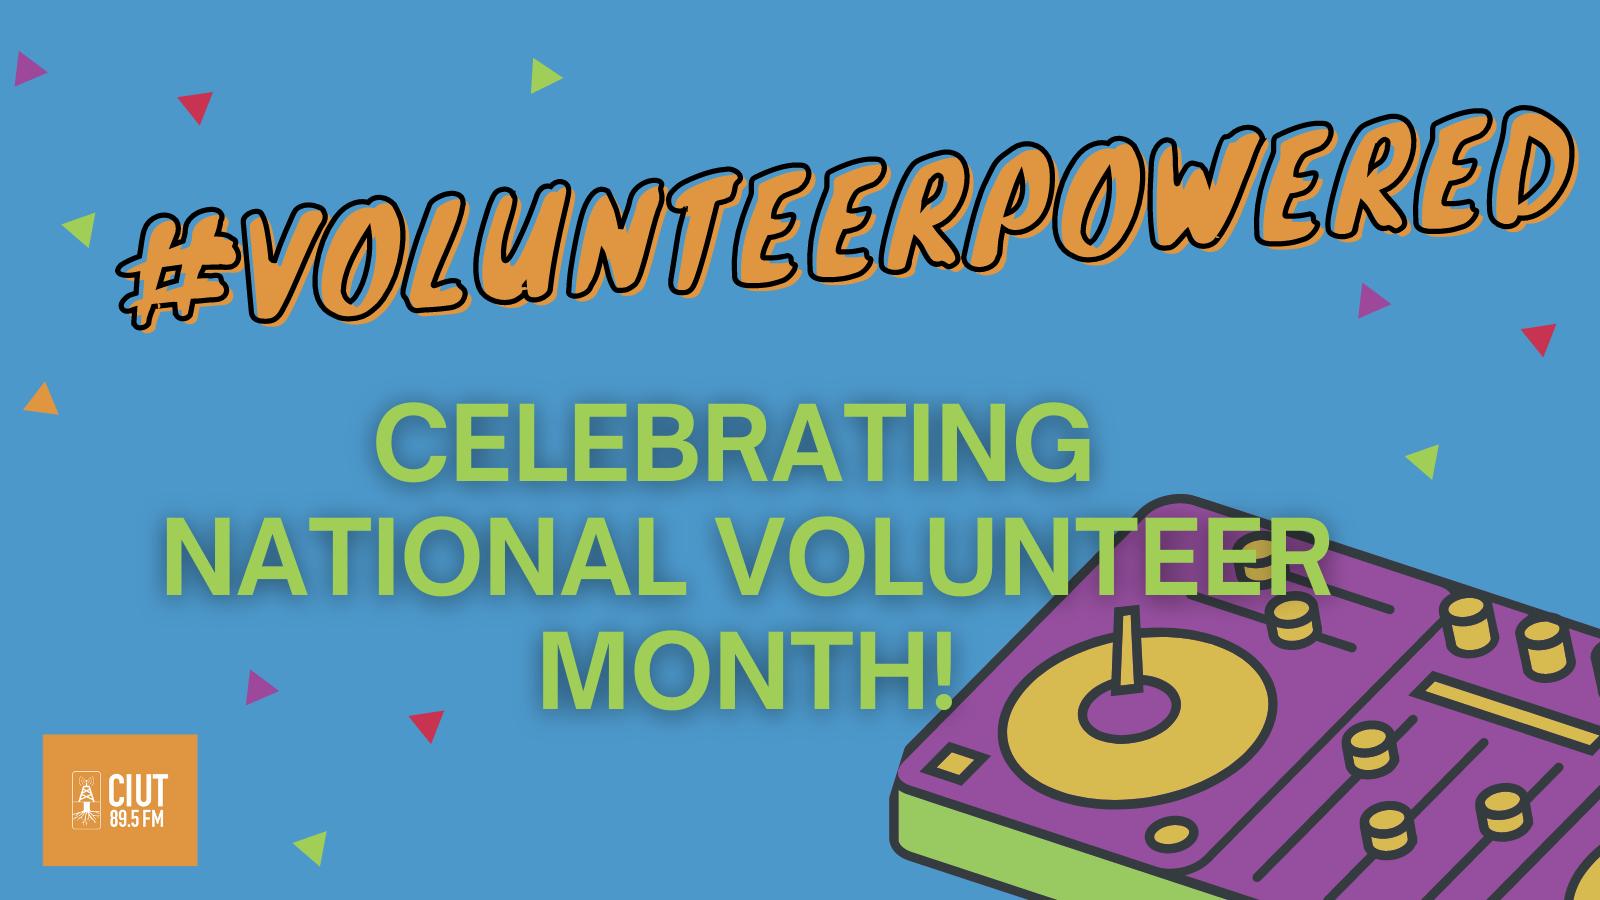 #volunteerpowered